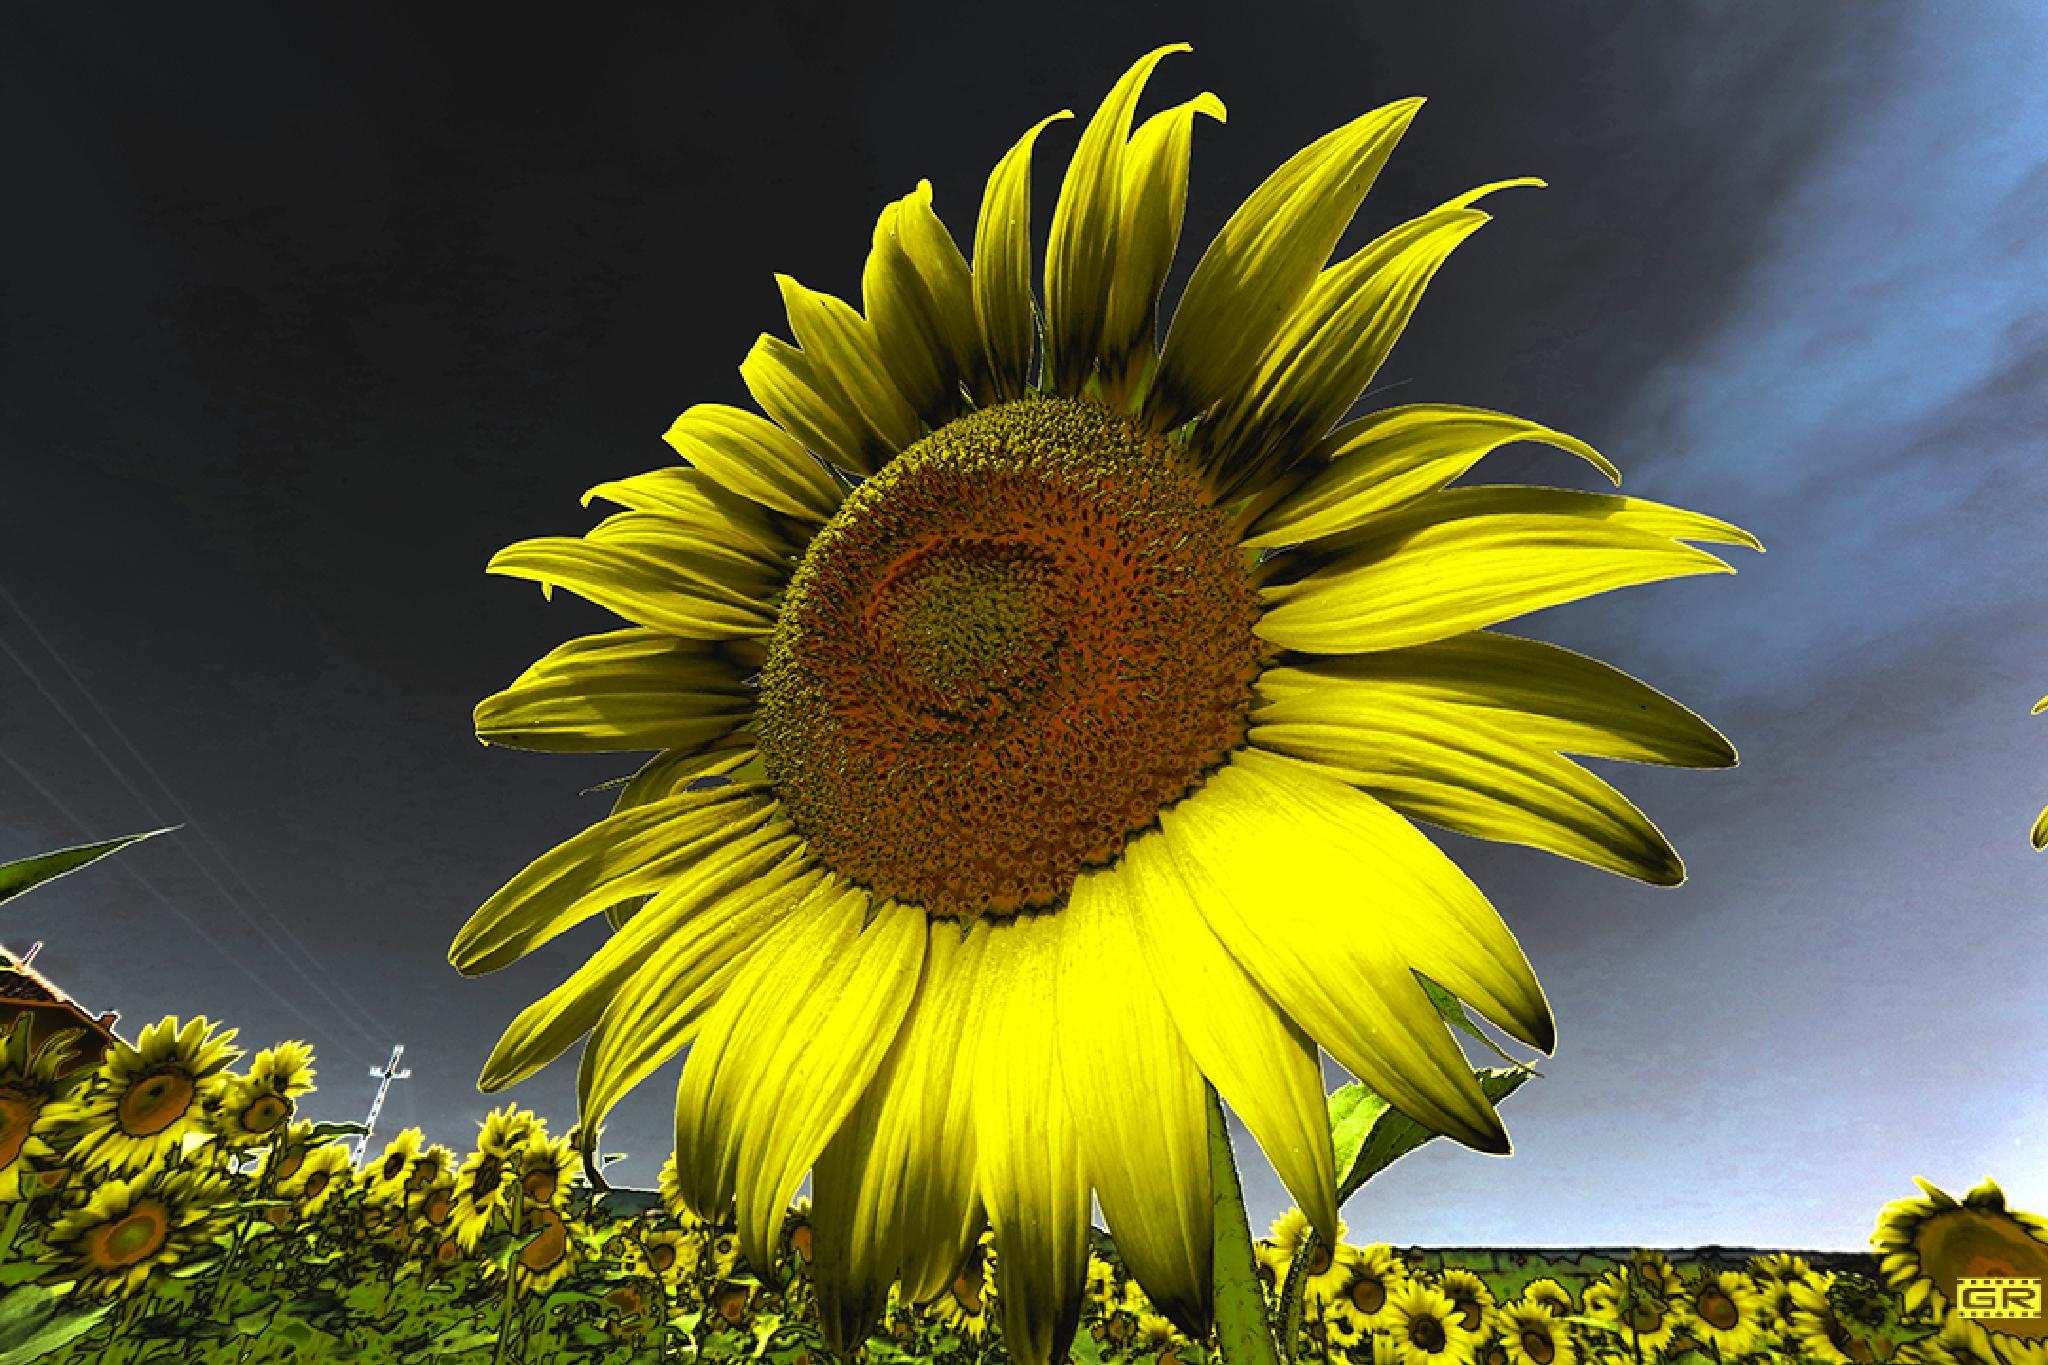 sunflower evening by Róbert Gecsényi